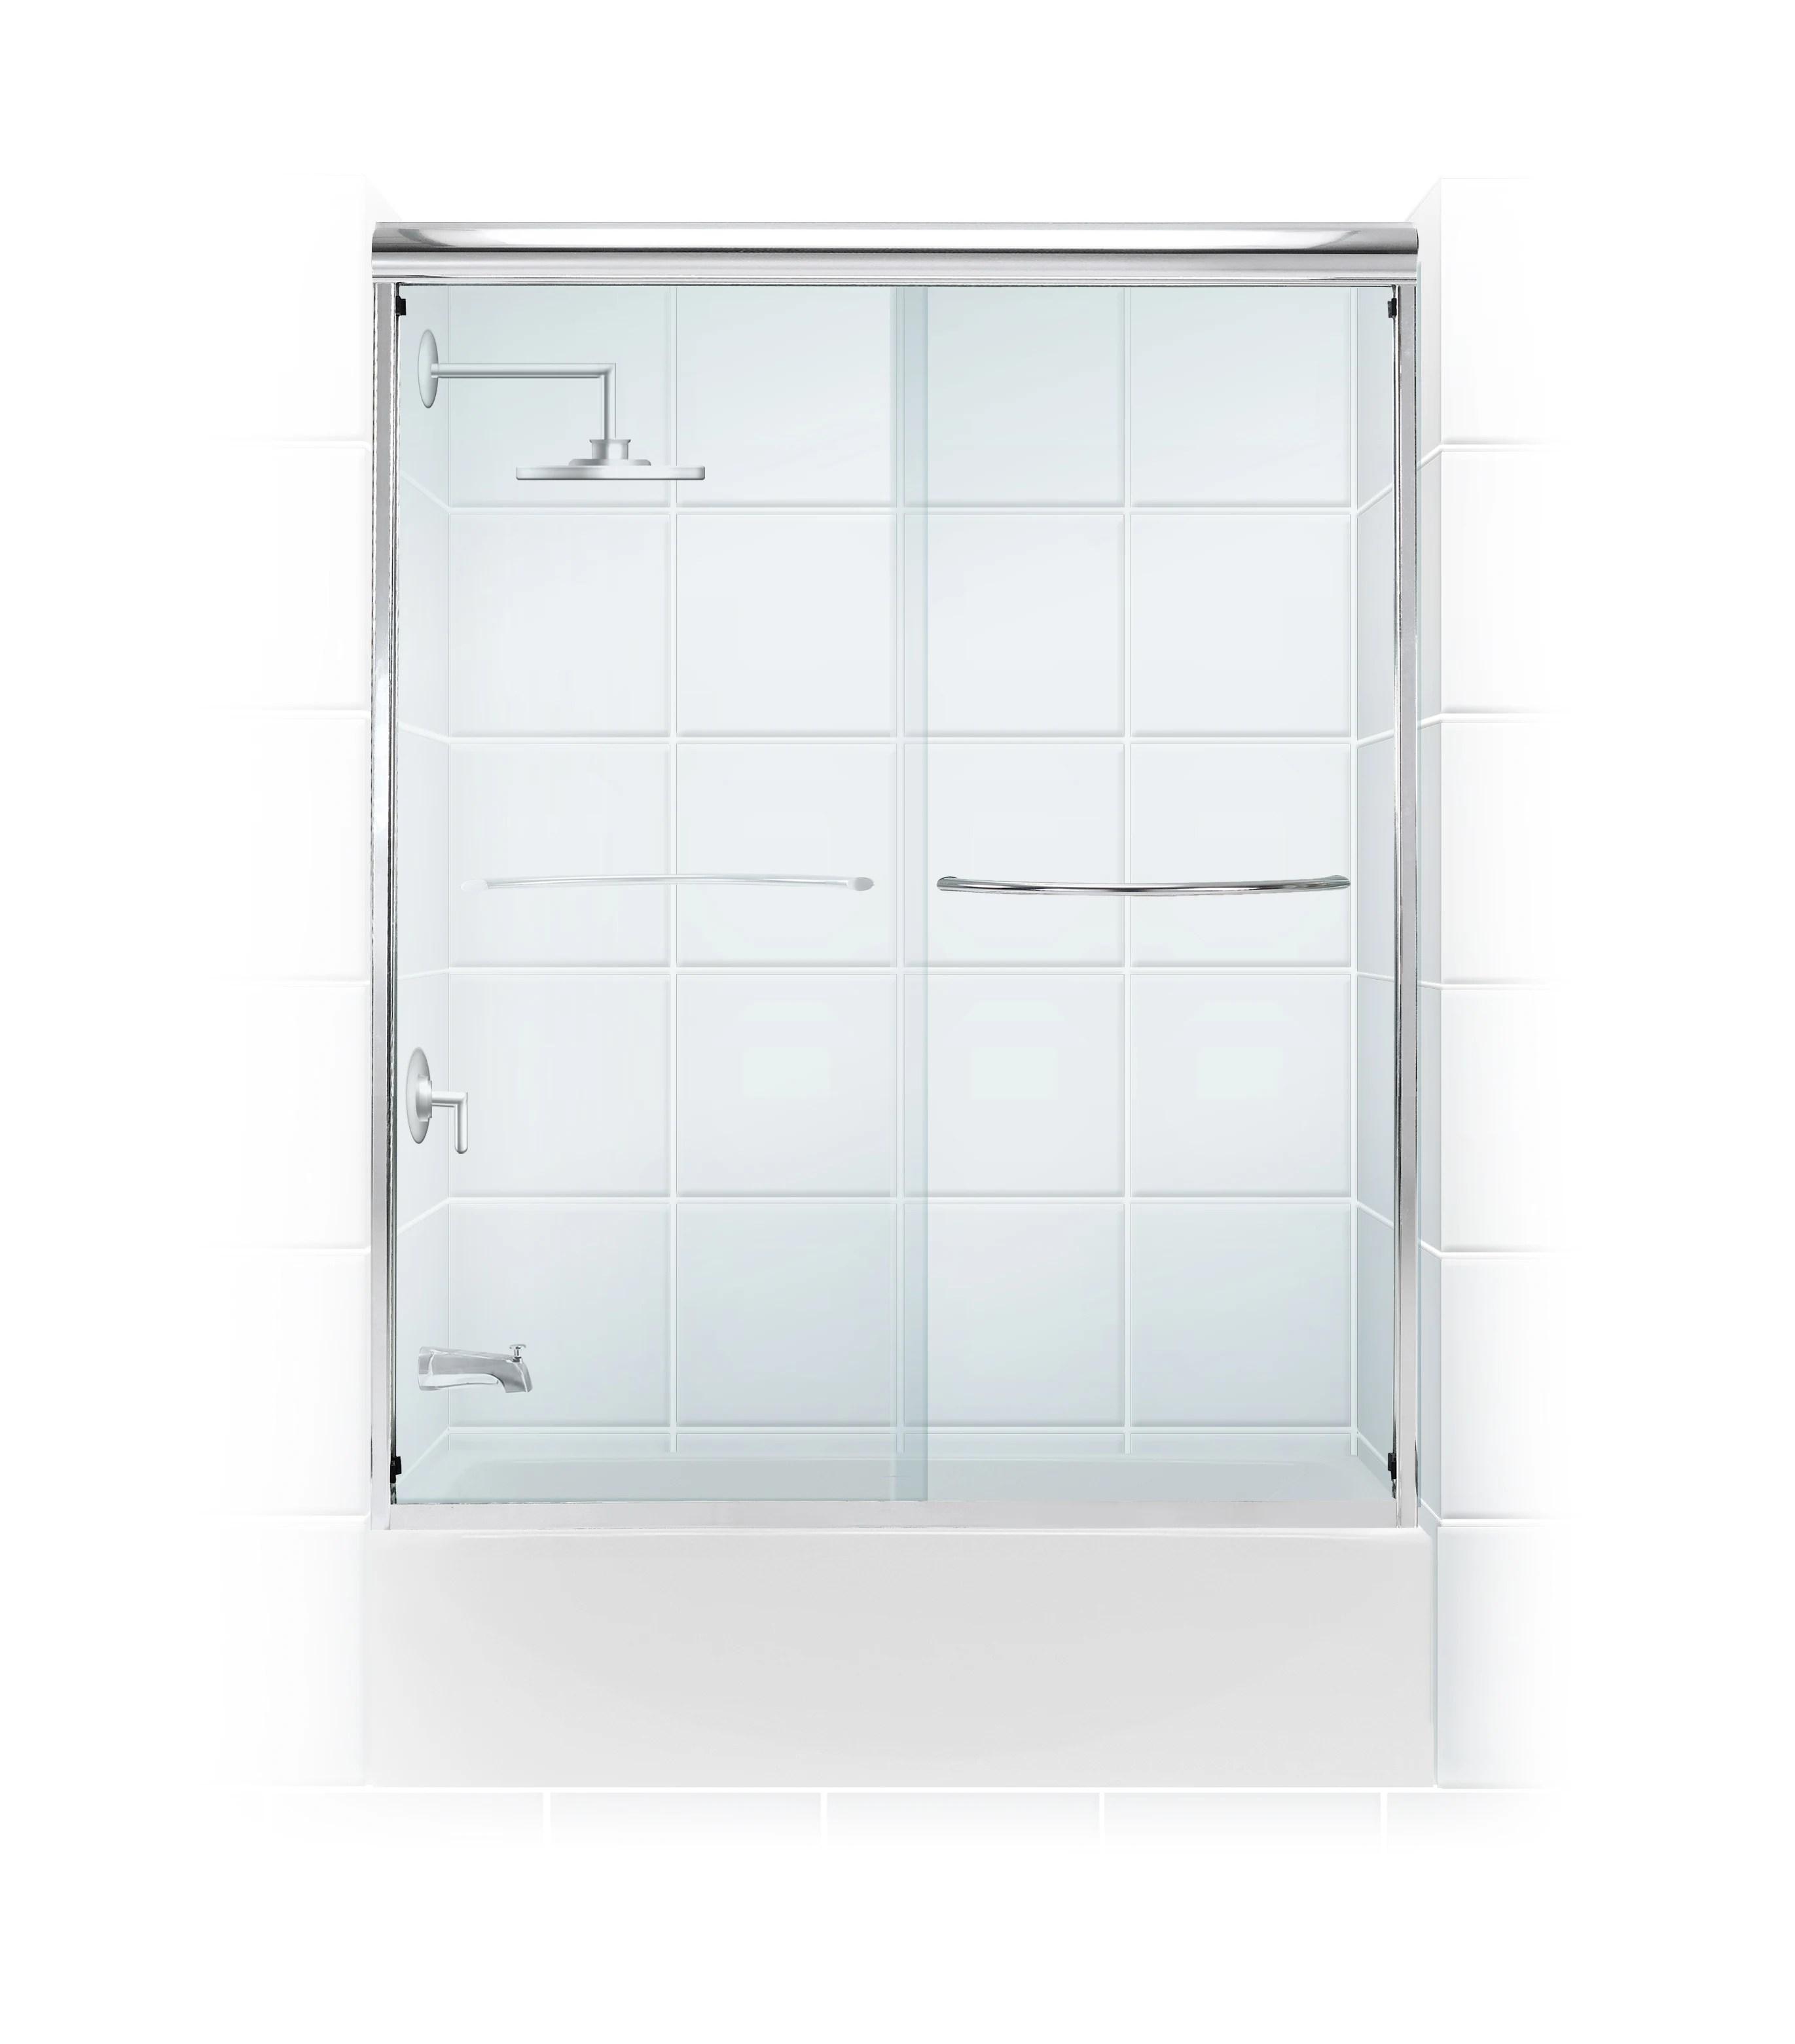 Coastal Shower Doors 2760 58 C